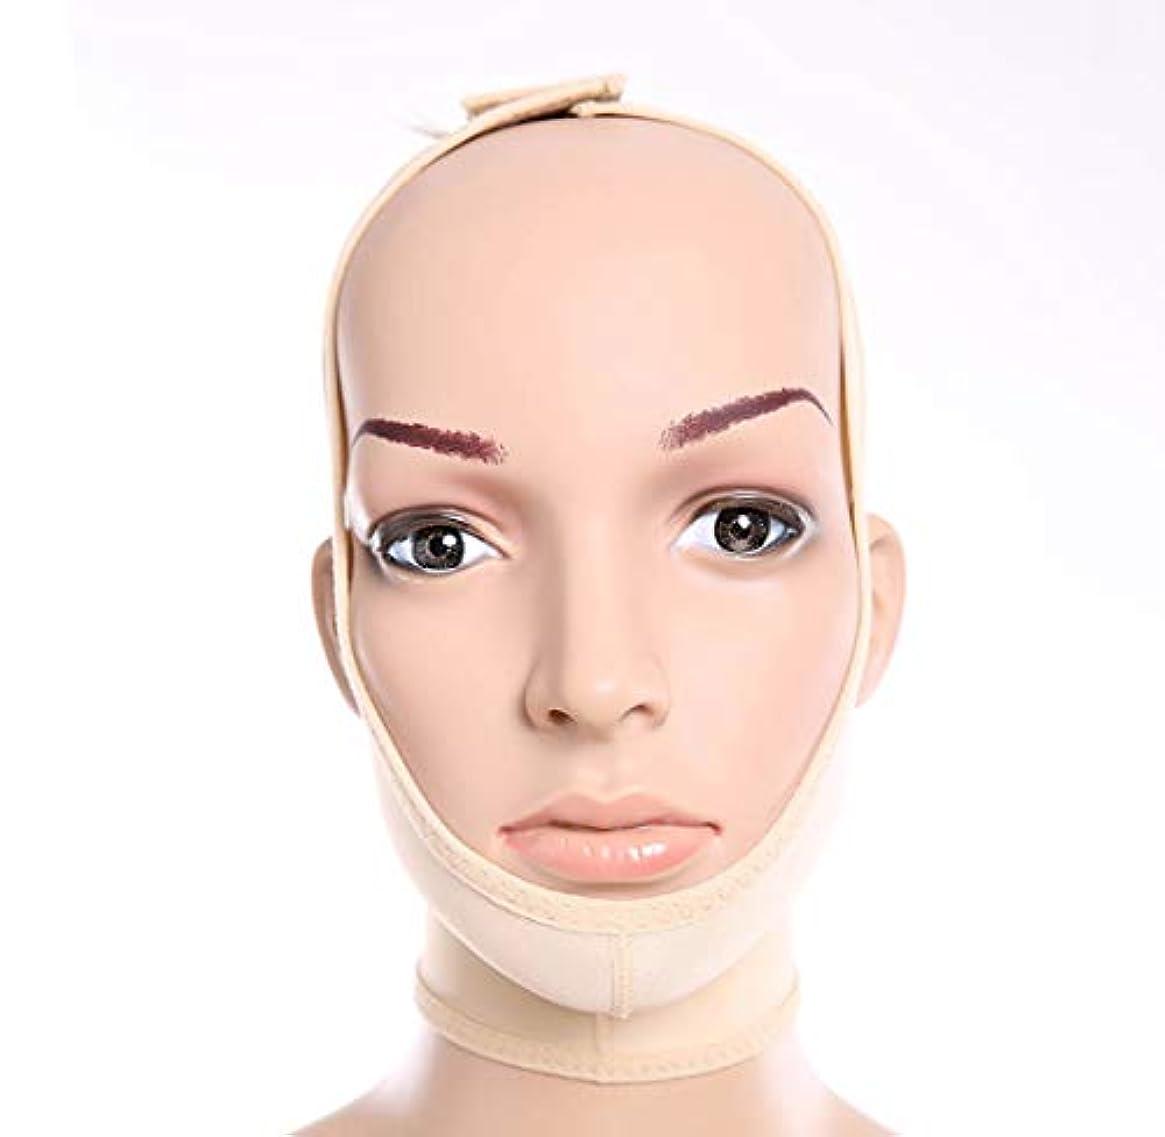 オークランド利得十分GLJJQMY 顔と首リフト減量術後弾性スリーブジョーフェイスアーティファクトVフェイスフェイシャルビームダブルチンシンフェイスウィッグ 顔用整形マスク (Size : XS)